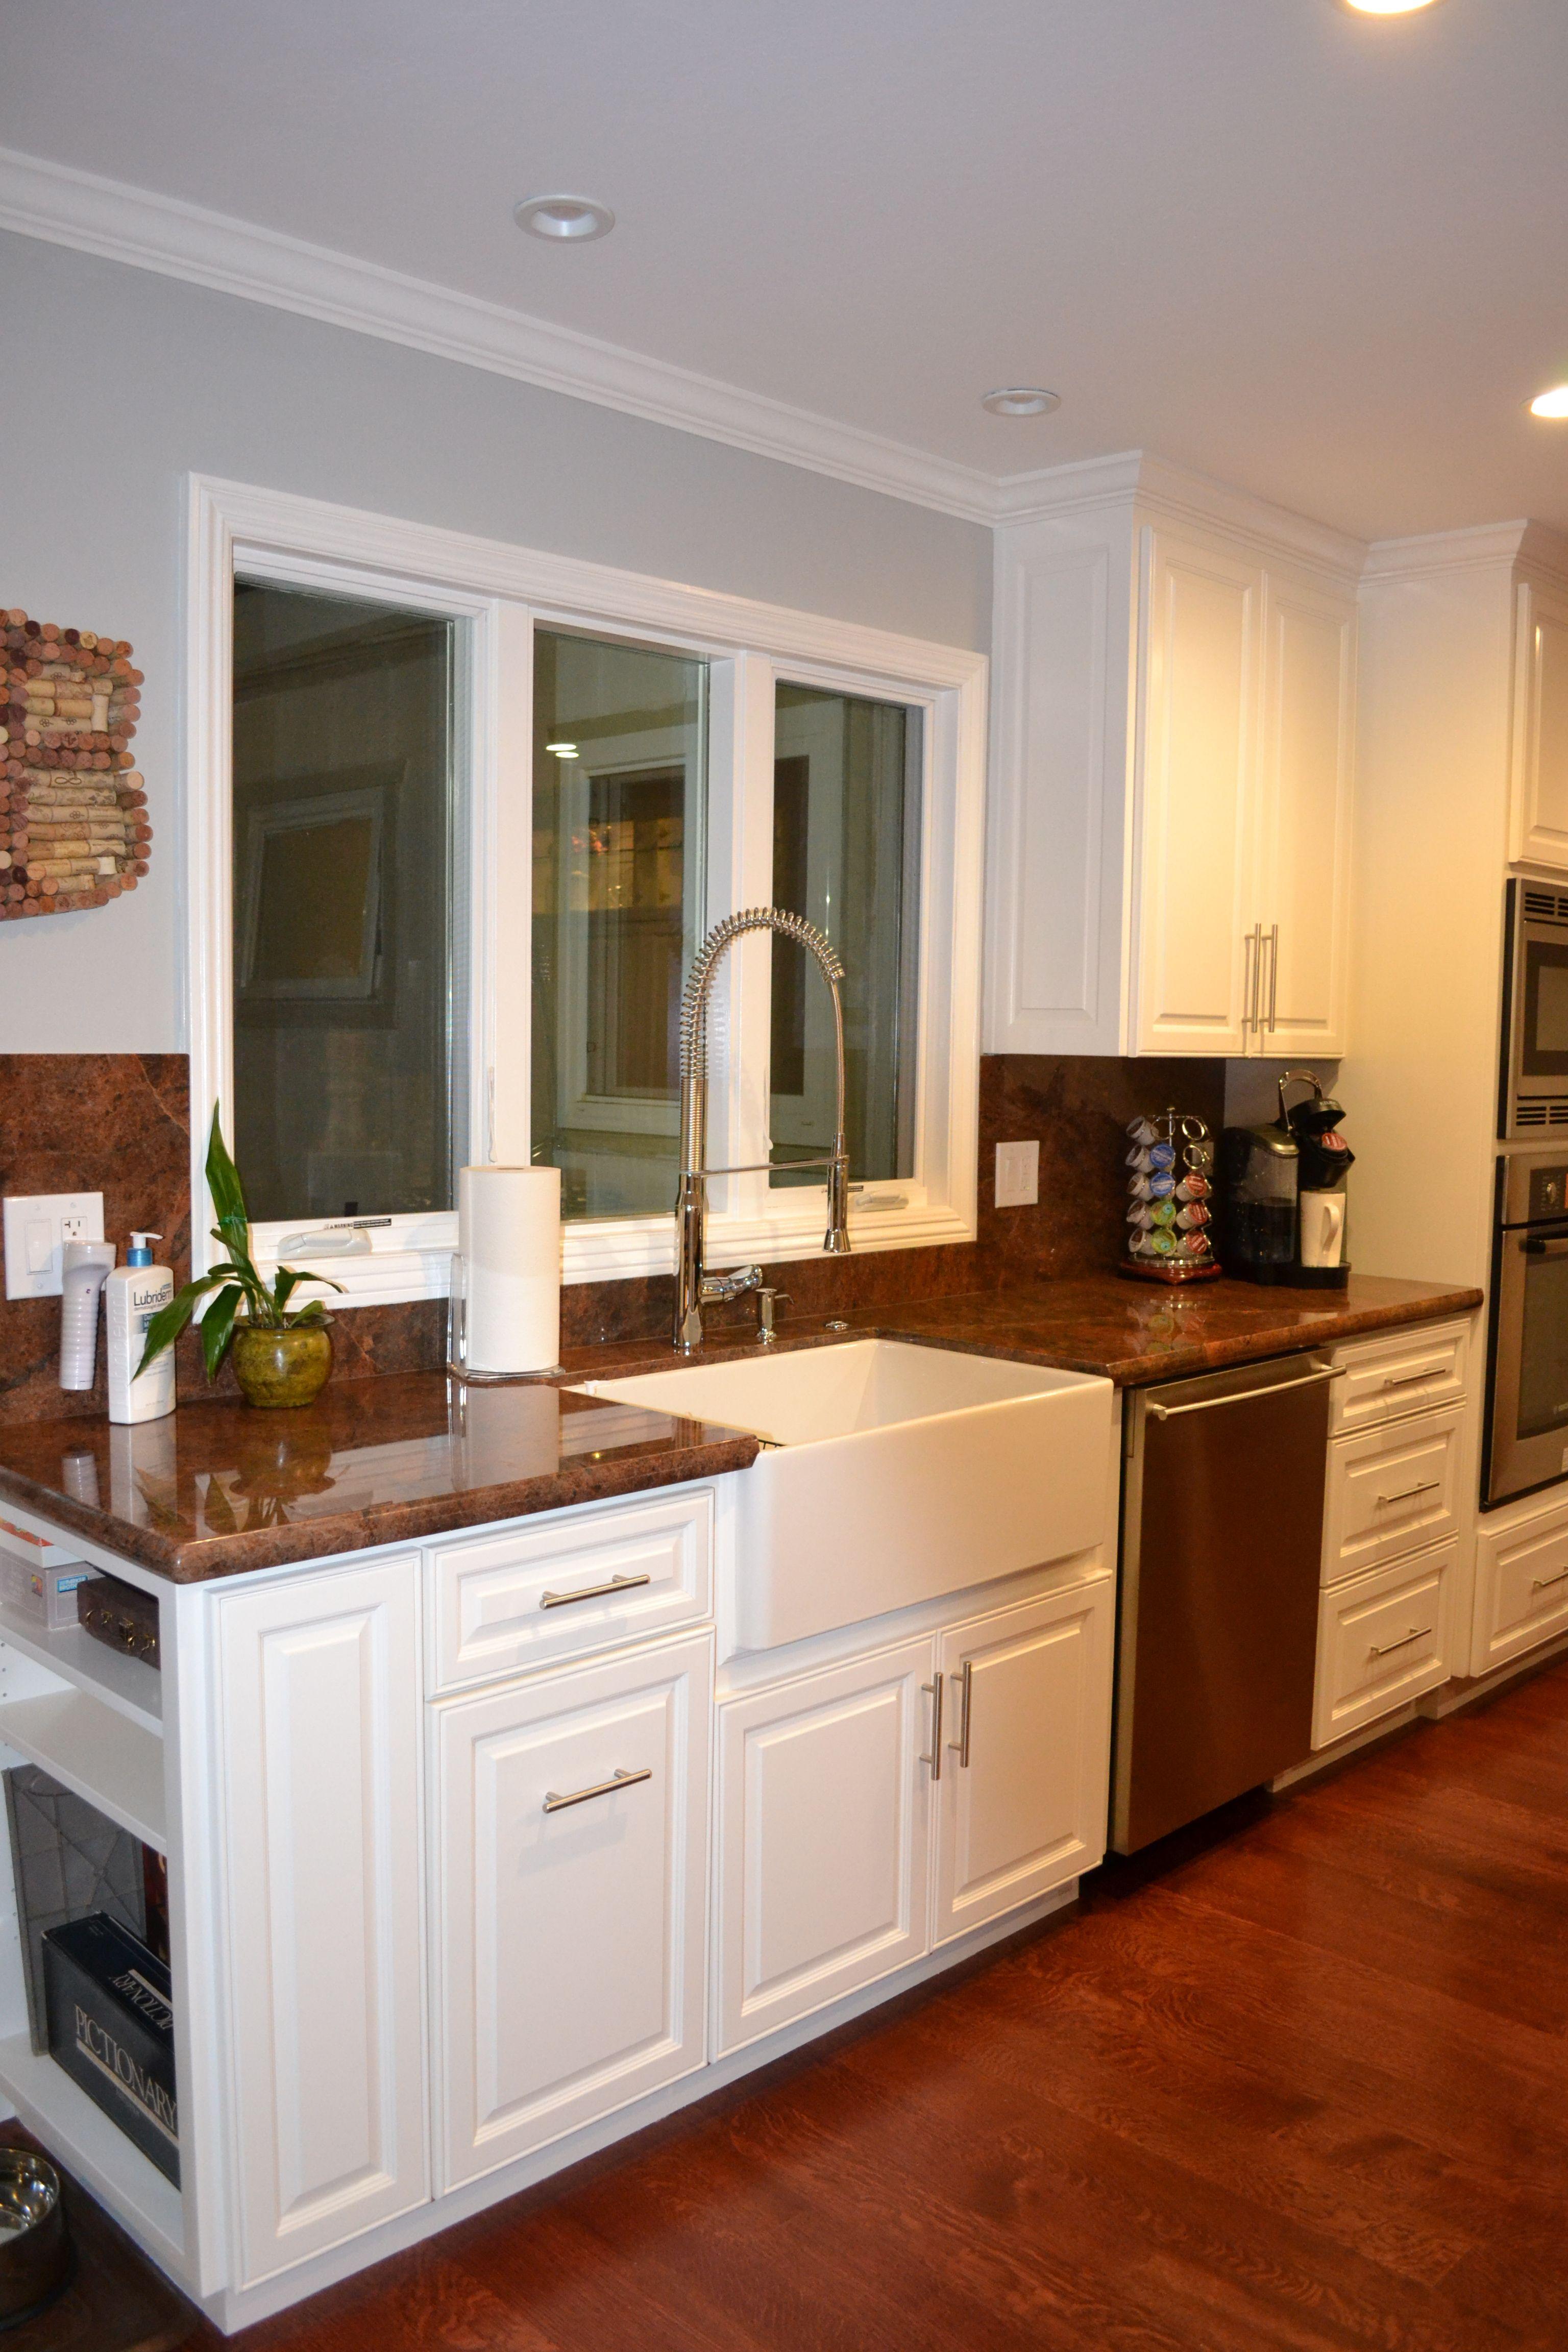 Farmhouse Sink Small : Small kitchen remodel. Farmhouse sink kitchen ideas Pinterest